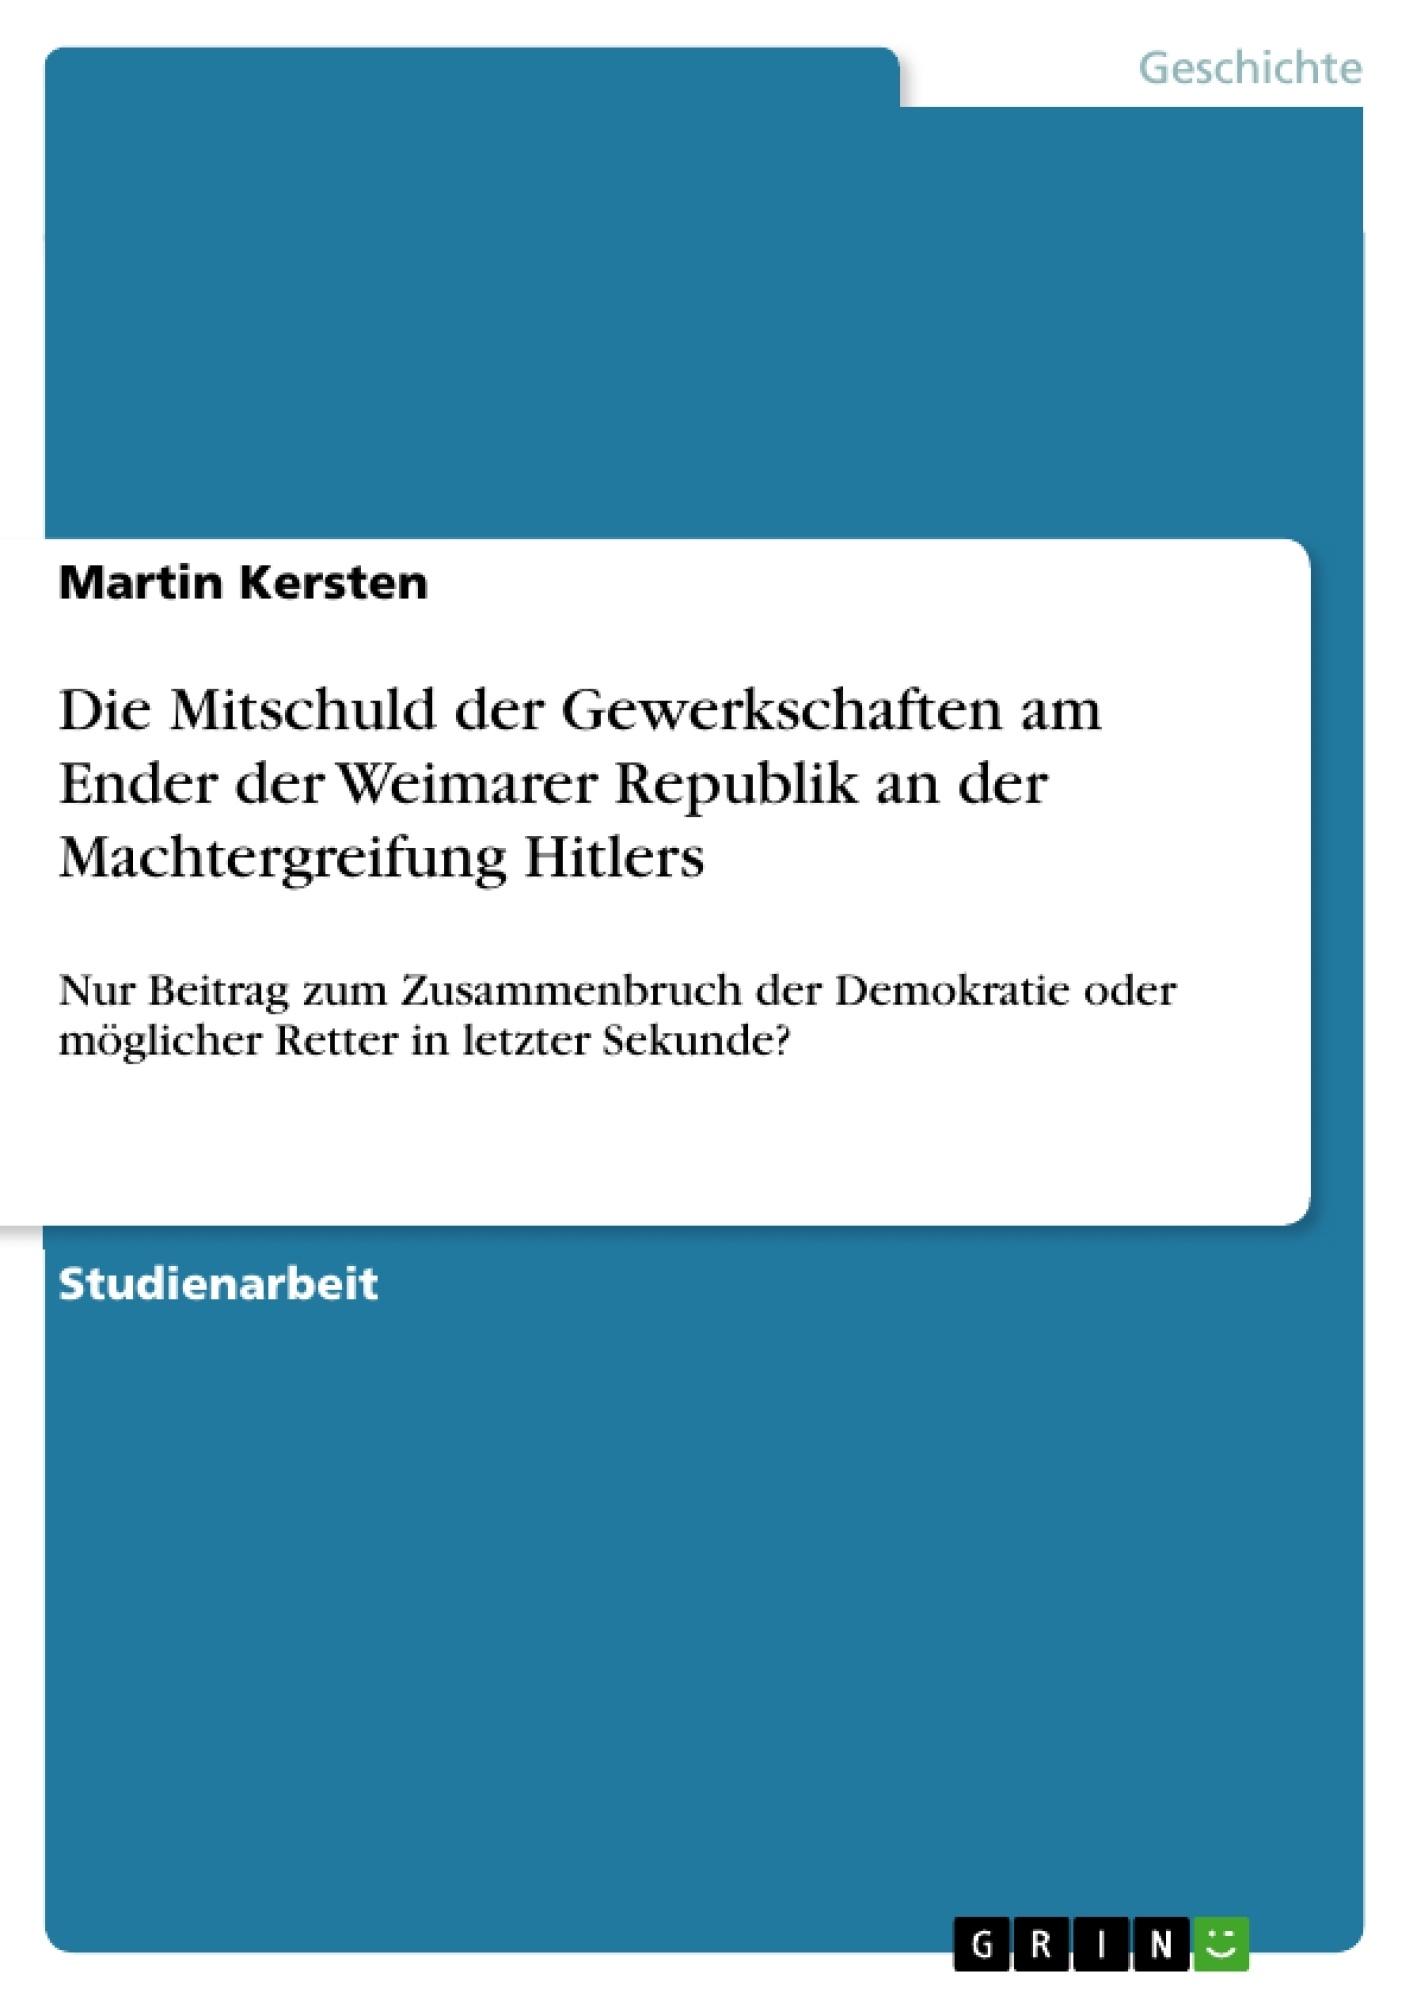 Titel: Die Mitschuld der Gewerkschaften am Ender der Weimarer Republik an der Machtergreifung Hitlers